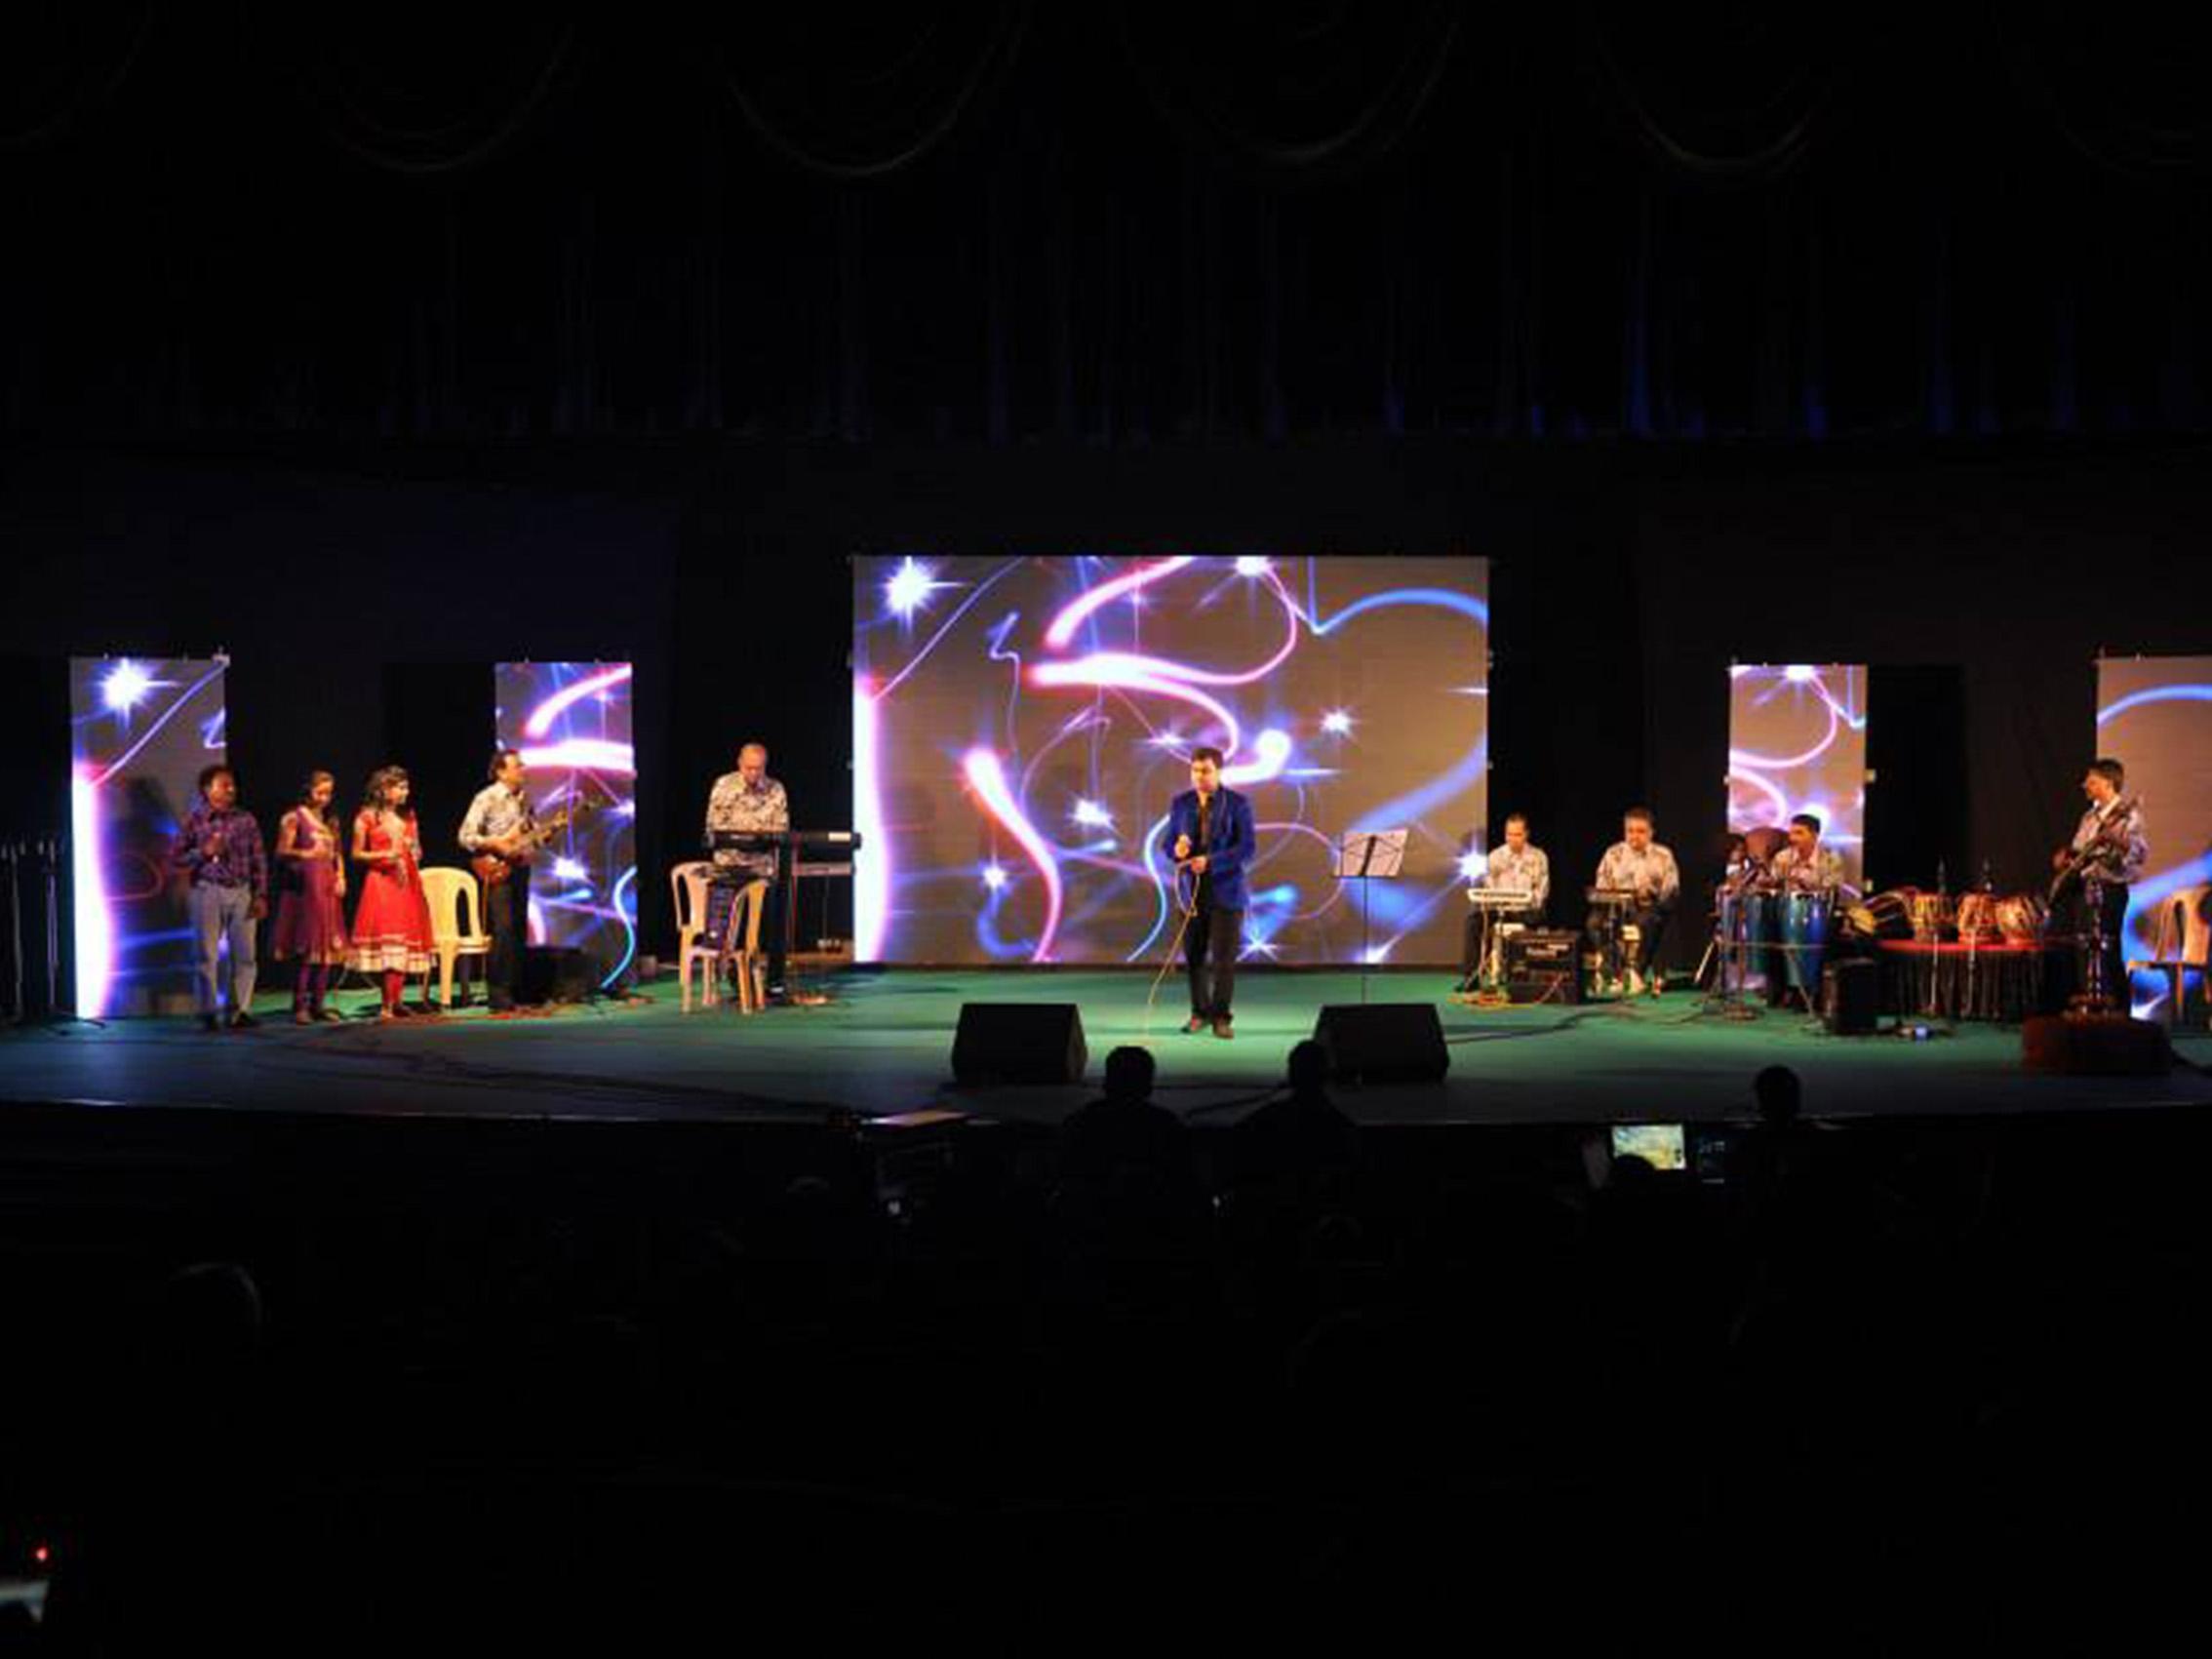 edb1d 0086 - Tuhi Meri Zindagi- Musical night by Pritesh Shah